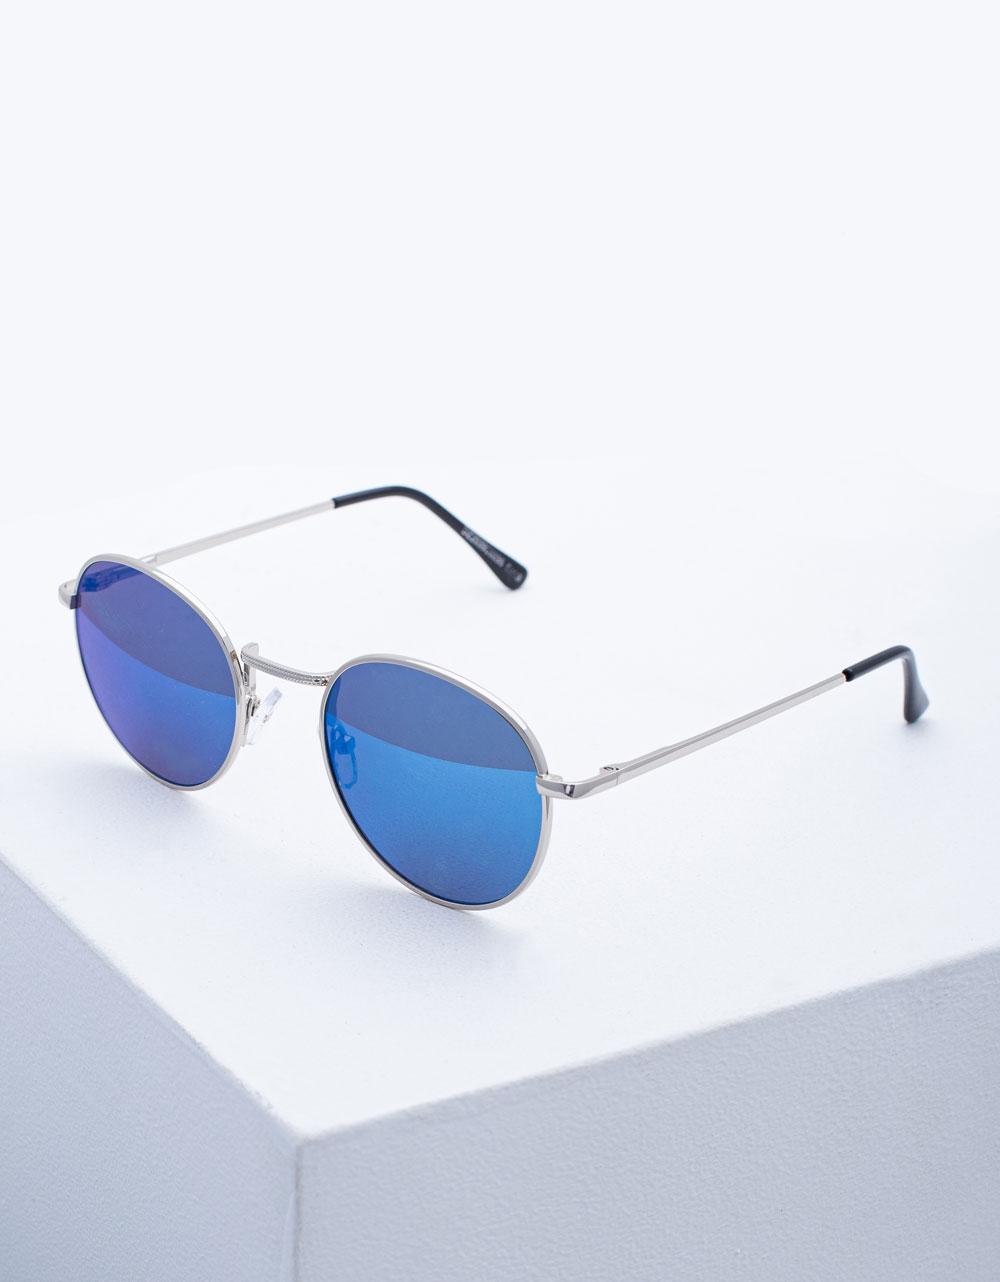 Εικόνα από Γυναικεία γυαλιά ηλίου με χρωματιστούς φακούς Σιέλ